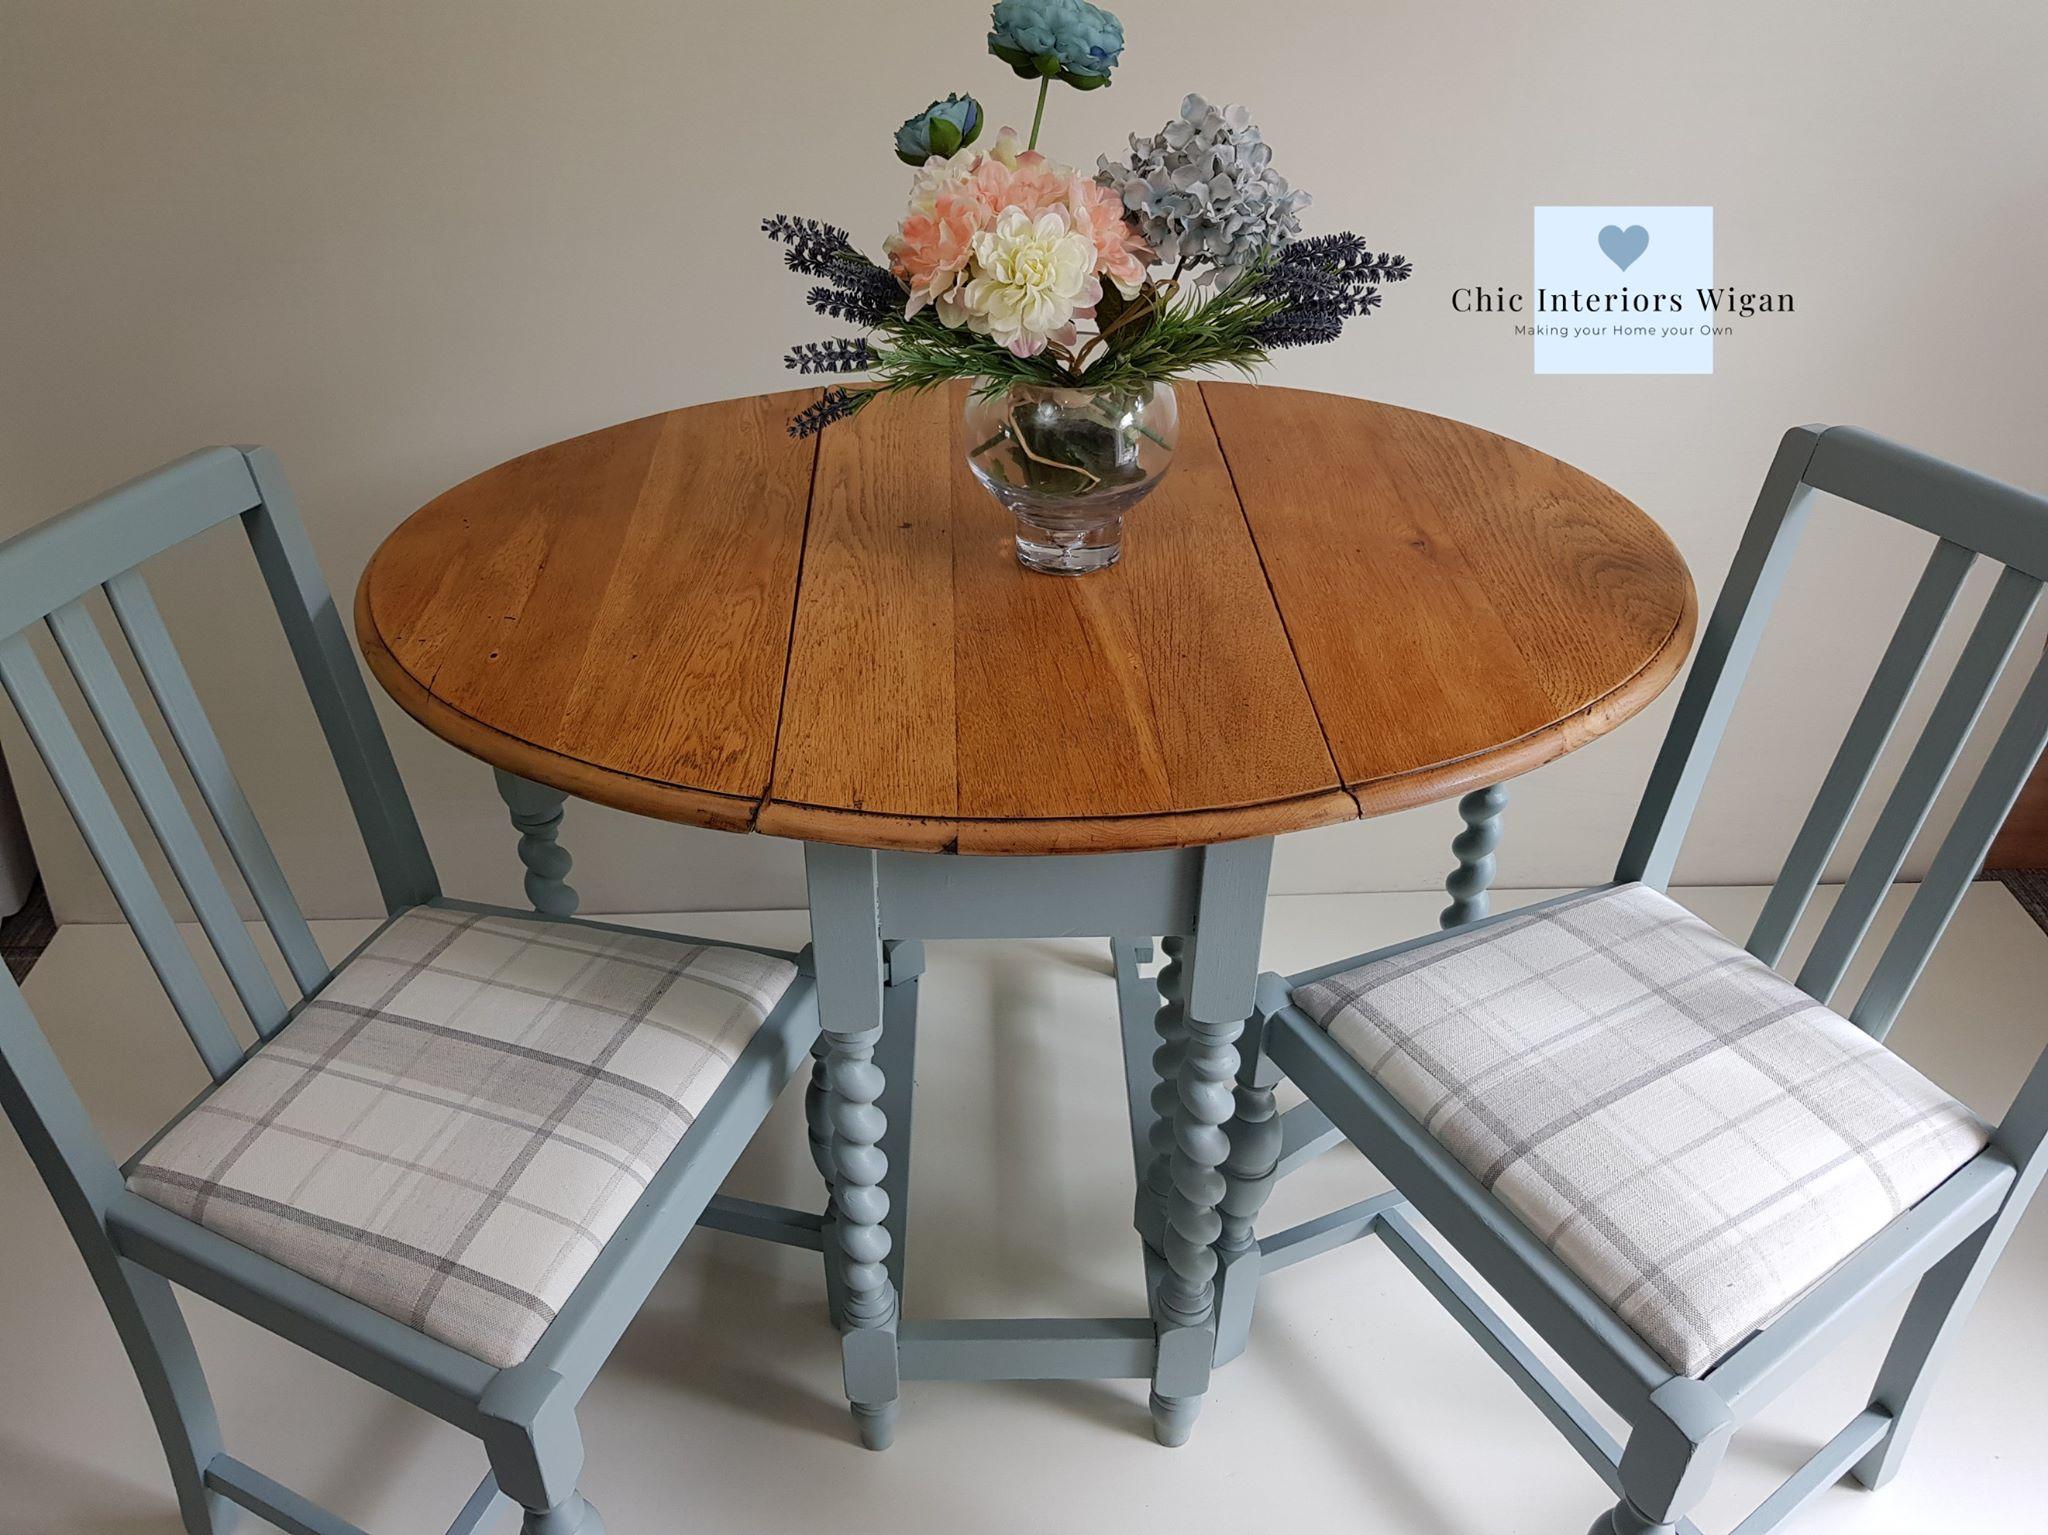 Gate leg table & chairs